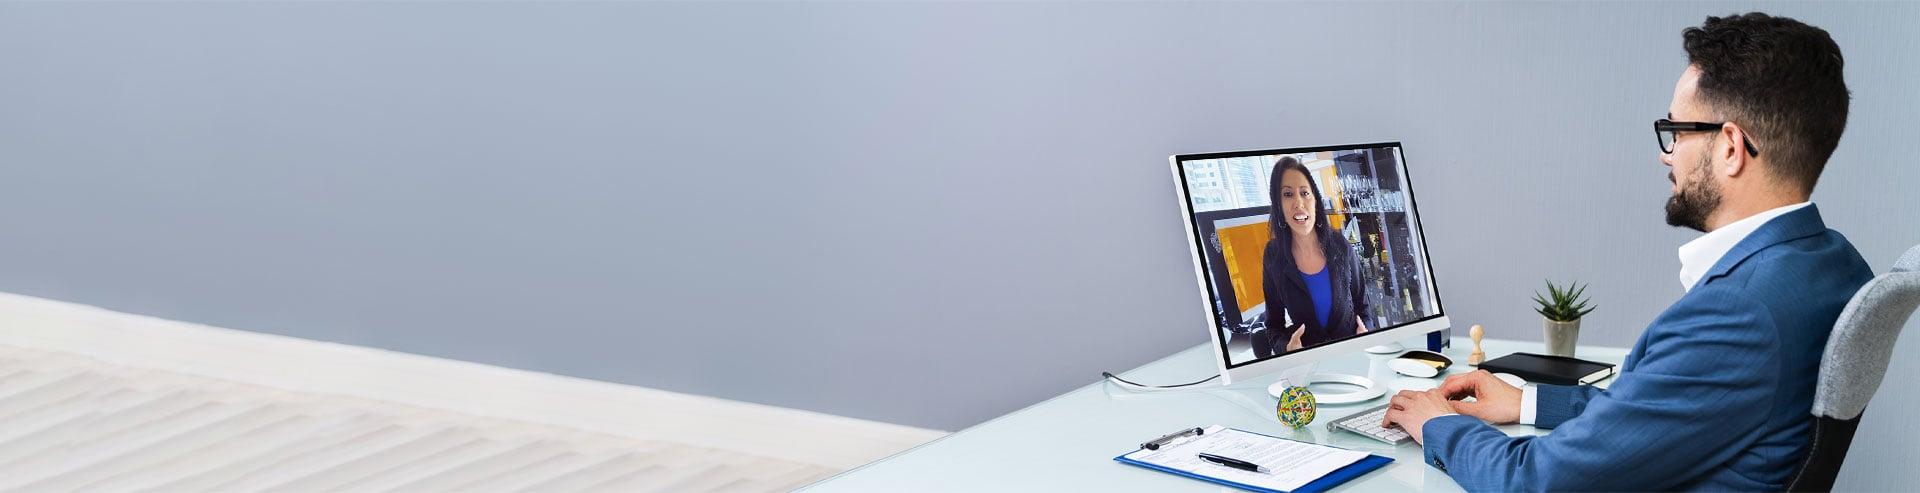 plo-attend-our-webinars